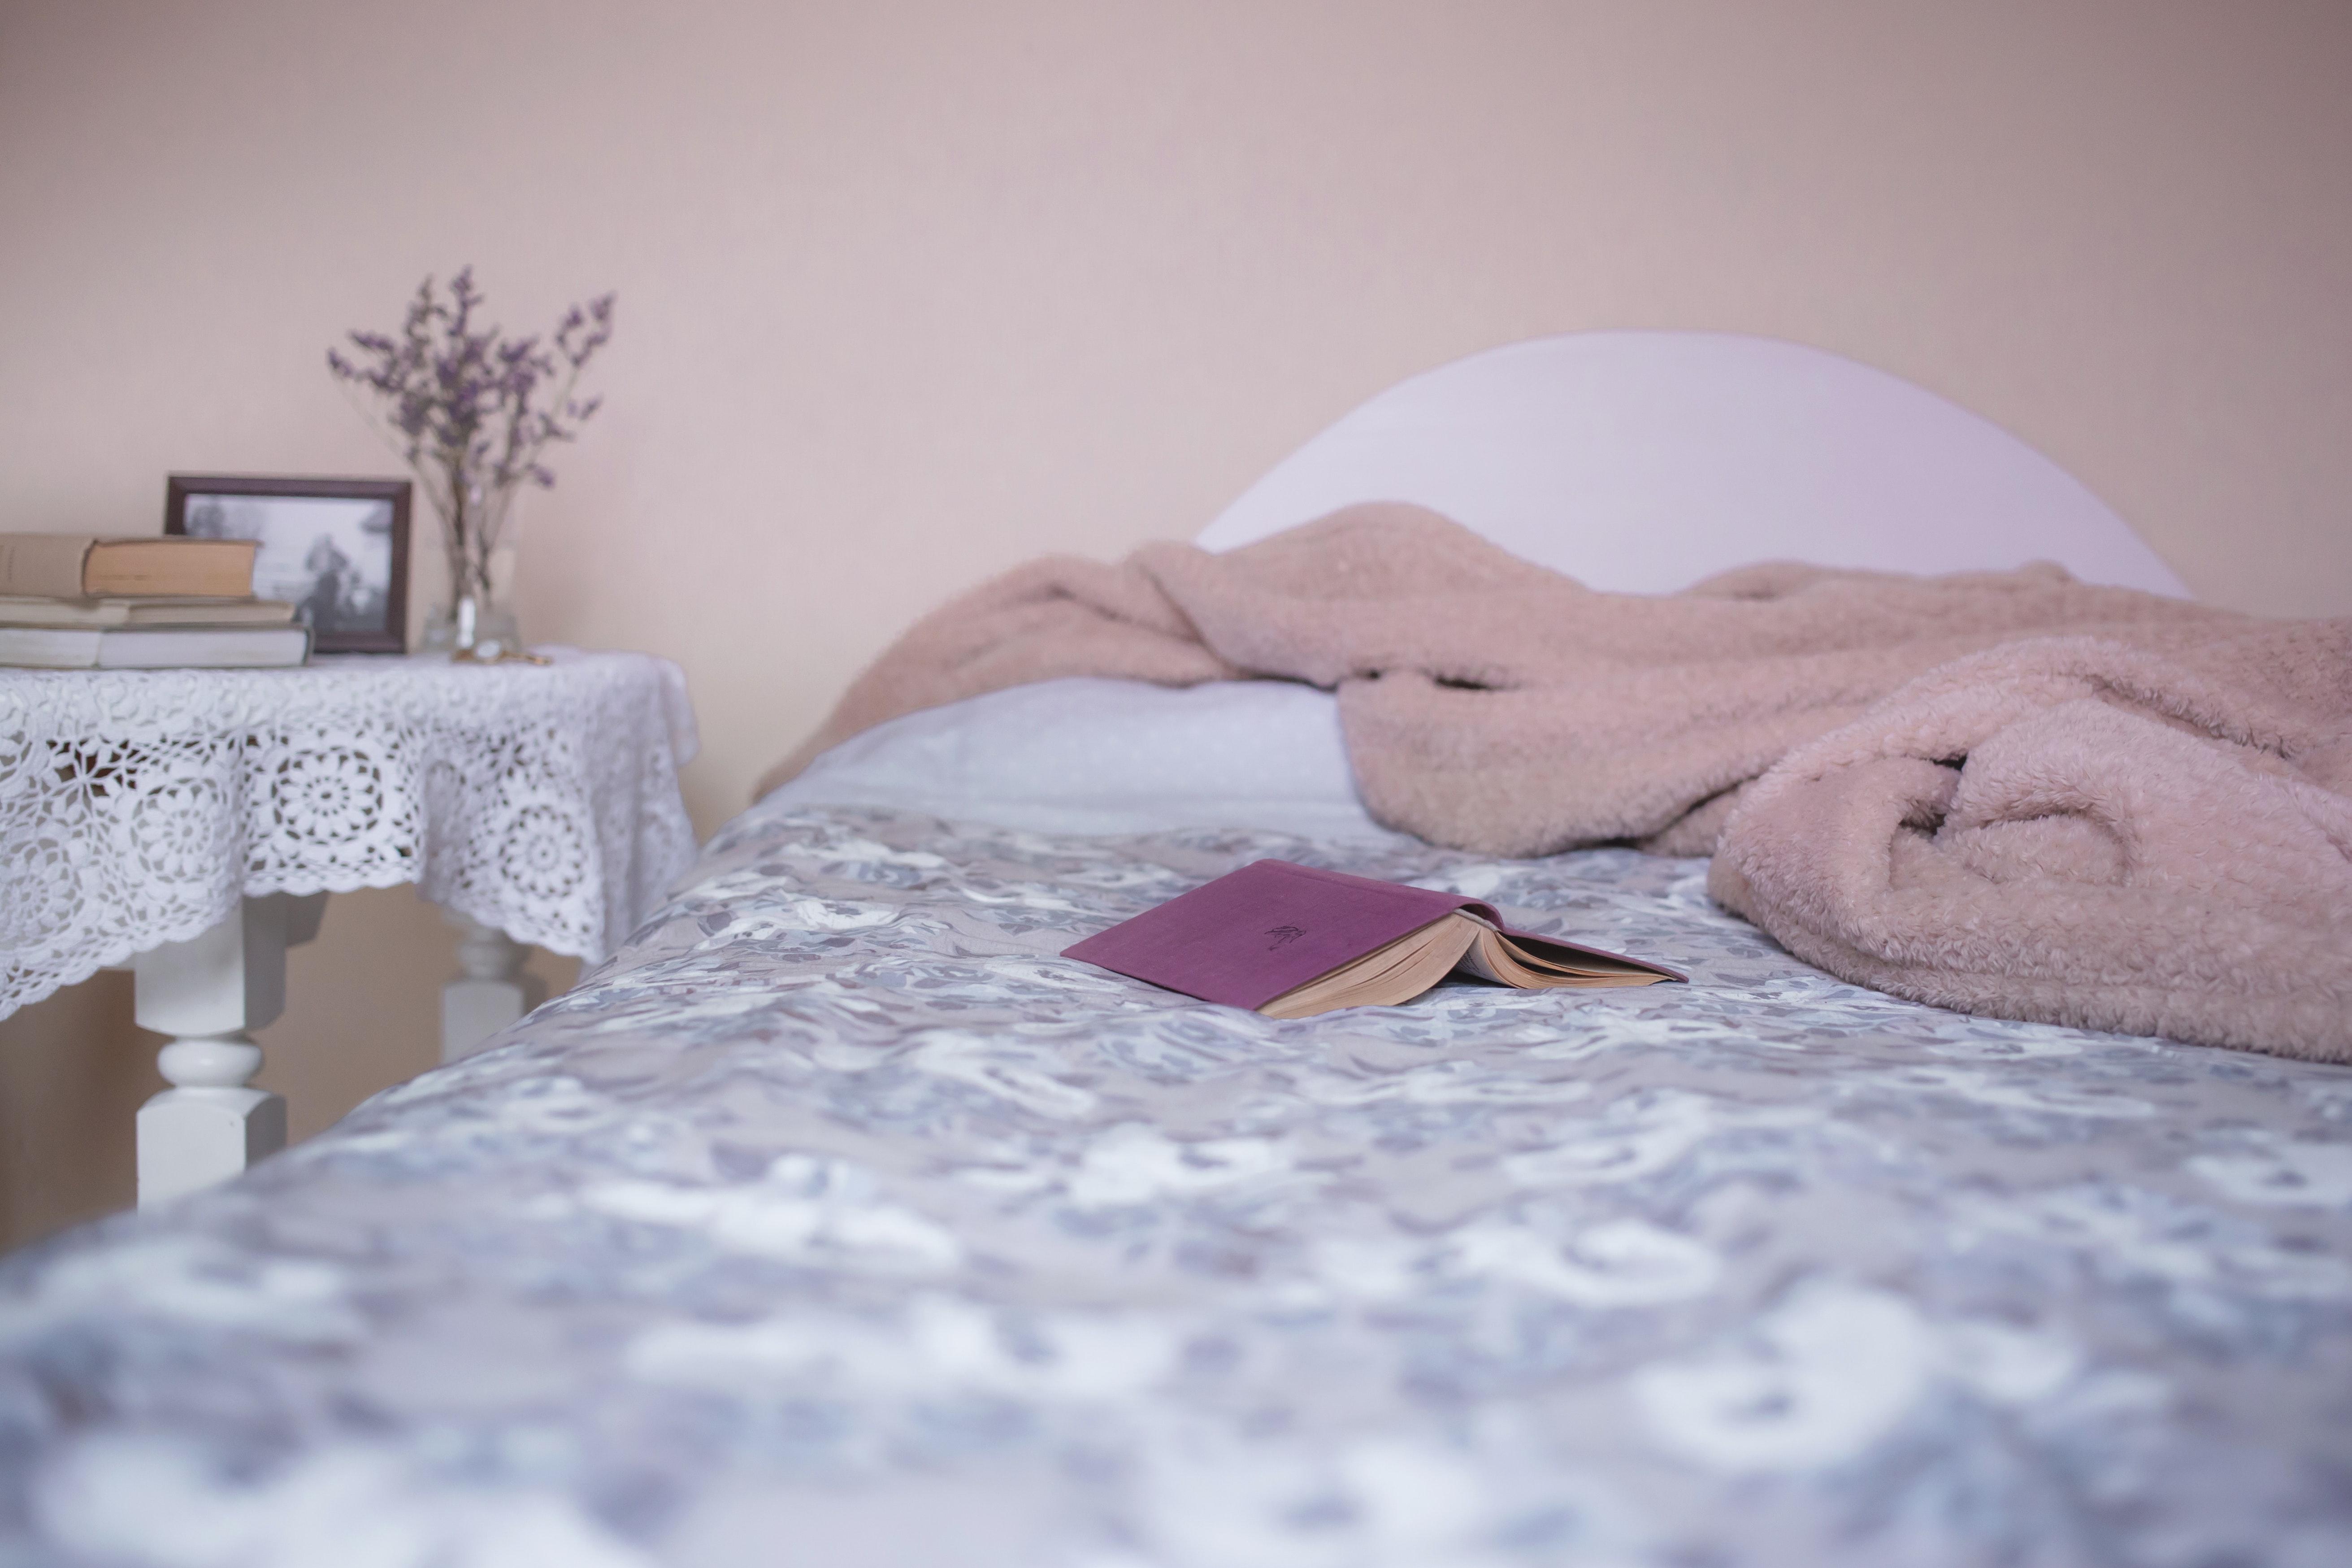 הידעת? שינה טובה ועמוקה מתחילה במזרון שלך